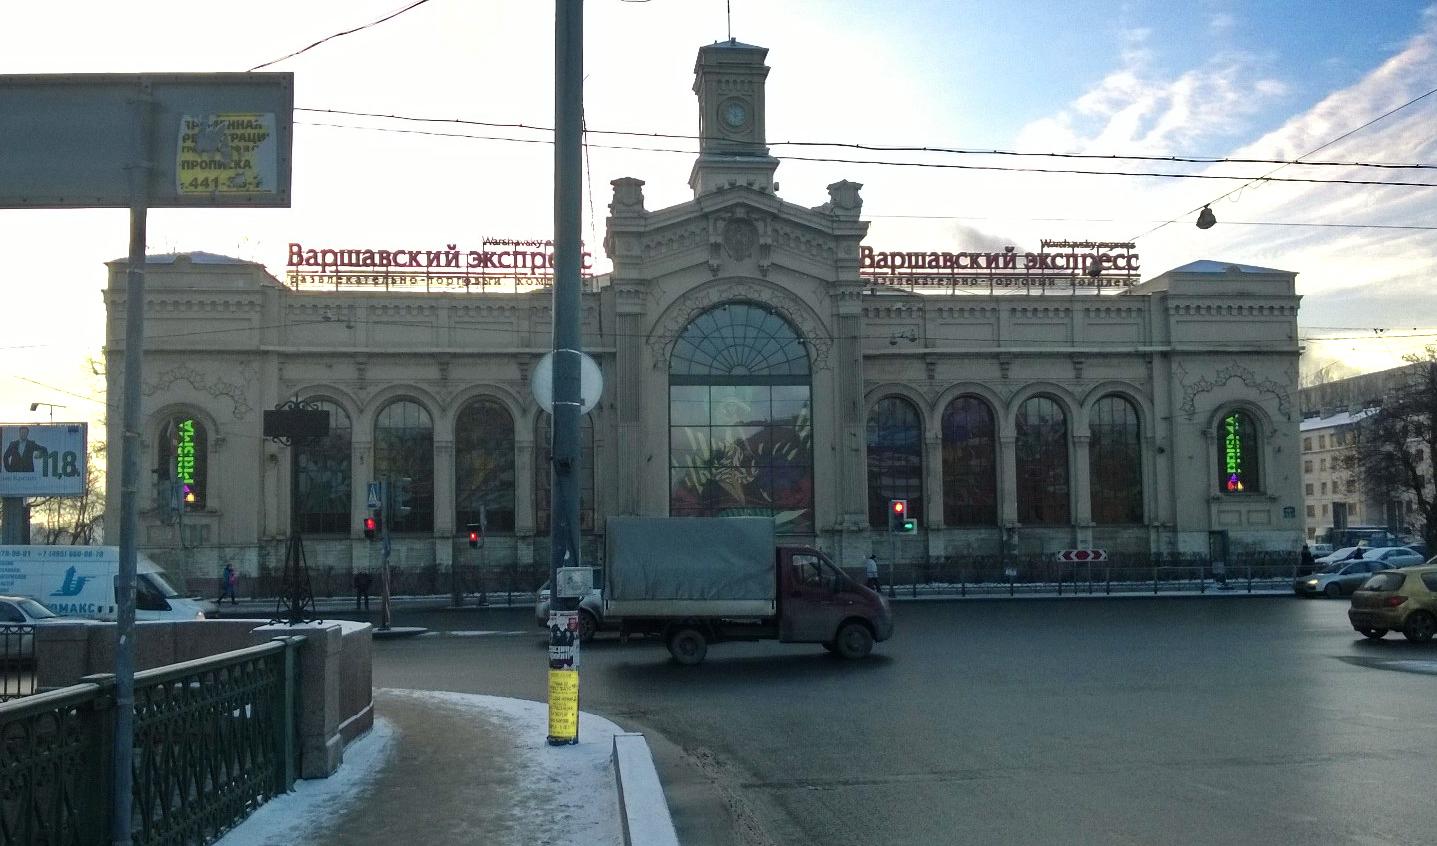 Московский вокзал санкт-петербург схема вокзала фото